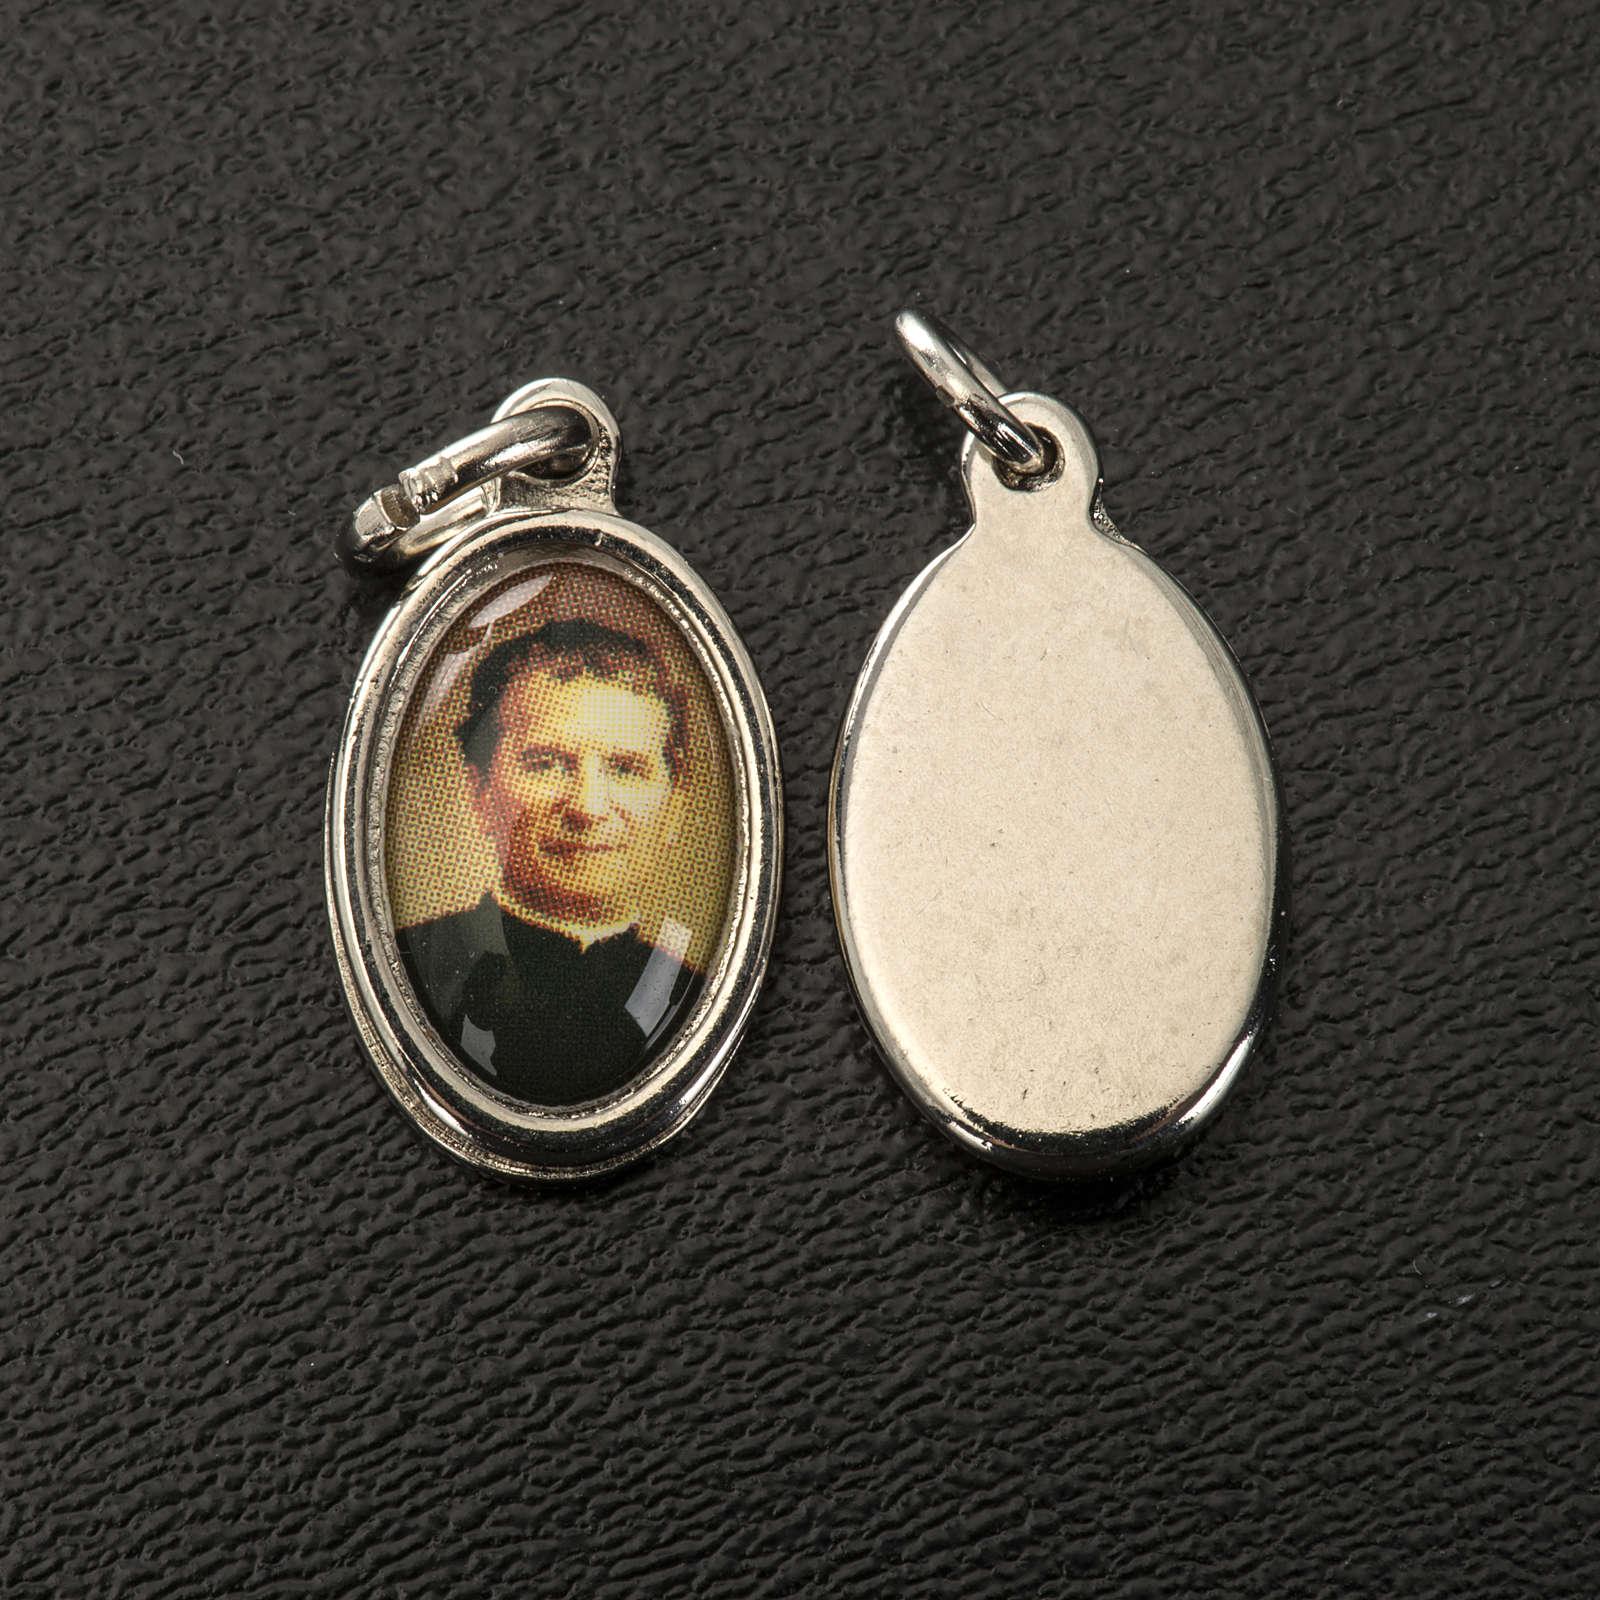 Médaille Don Bosco métal nickelé 1.5 cm 4